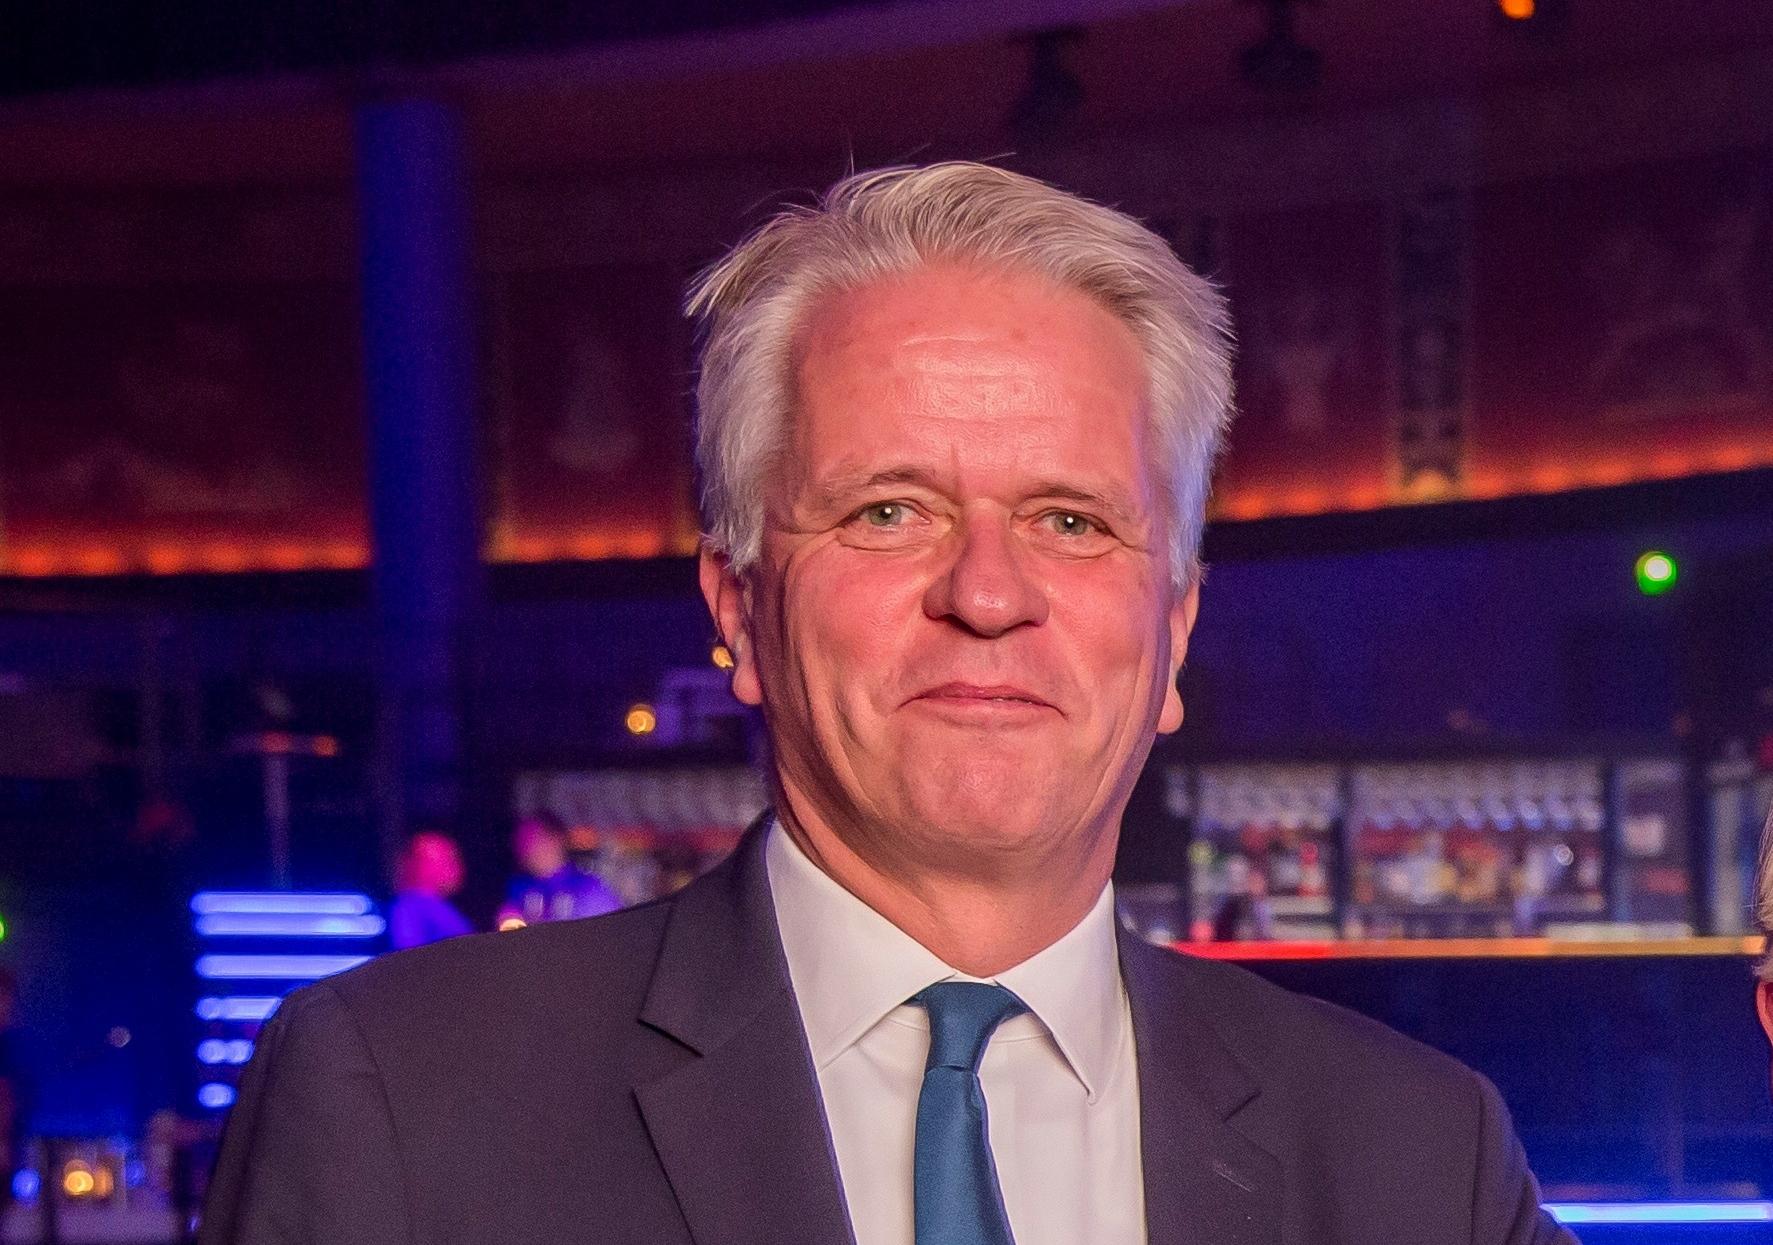 Den administrerende direktør for Danmarks Rejsebureau Forening, Lars Thykier, der torsdag den 4. oktober runder de 60 år. Foto: Michael Stub.